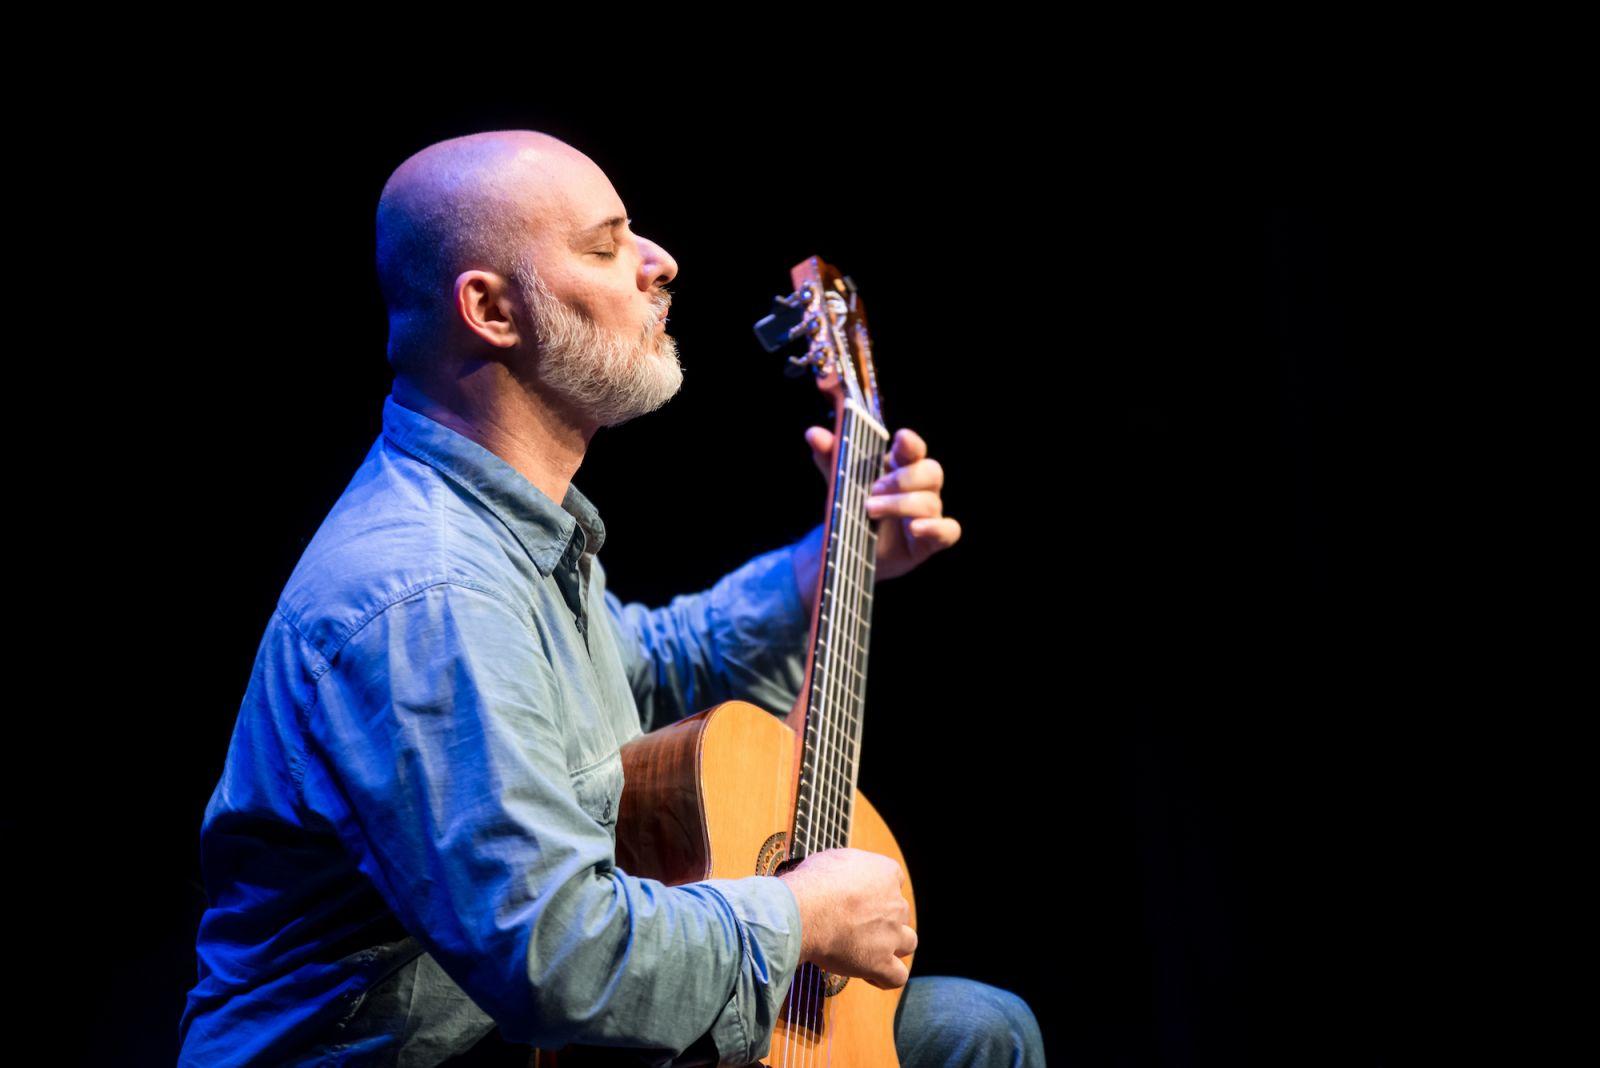 Festival Violões em Rede reúne oito grandes solistas e compositores em recitais online - André Siqueira